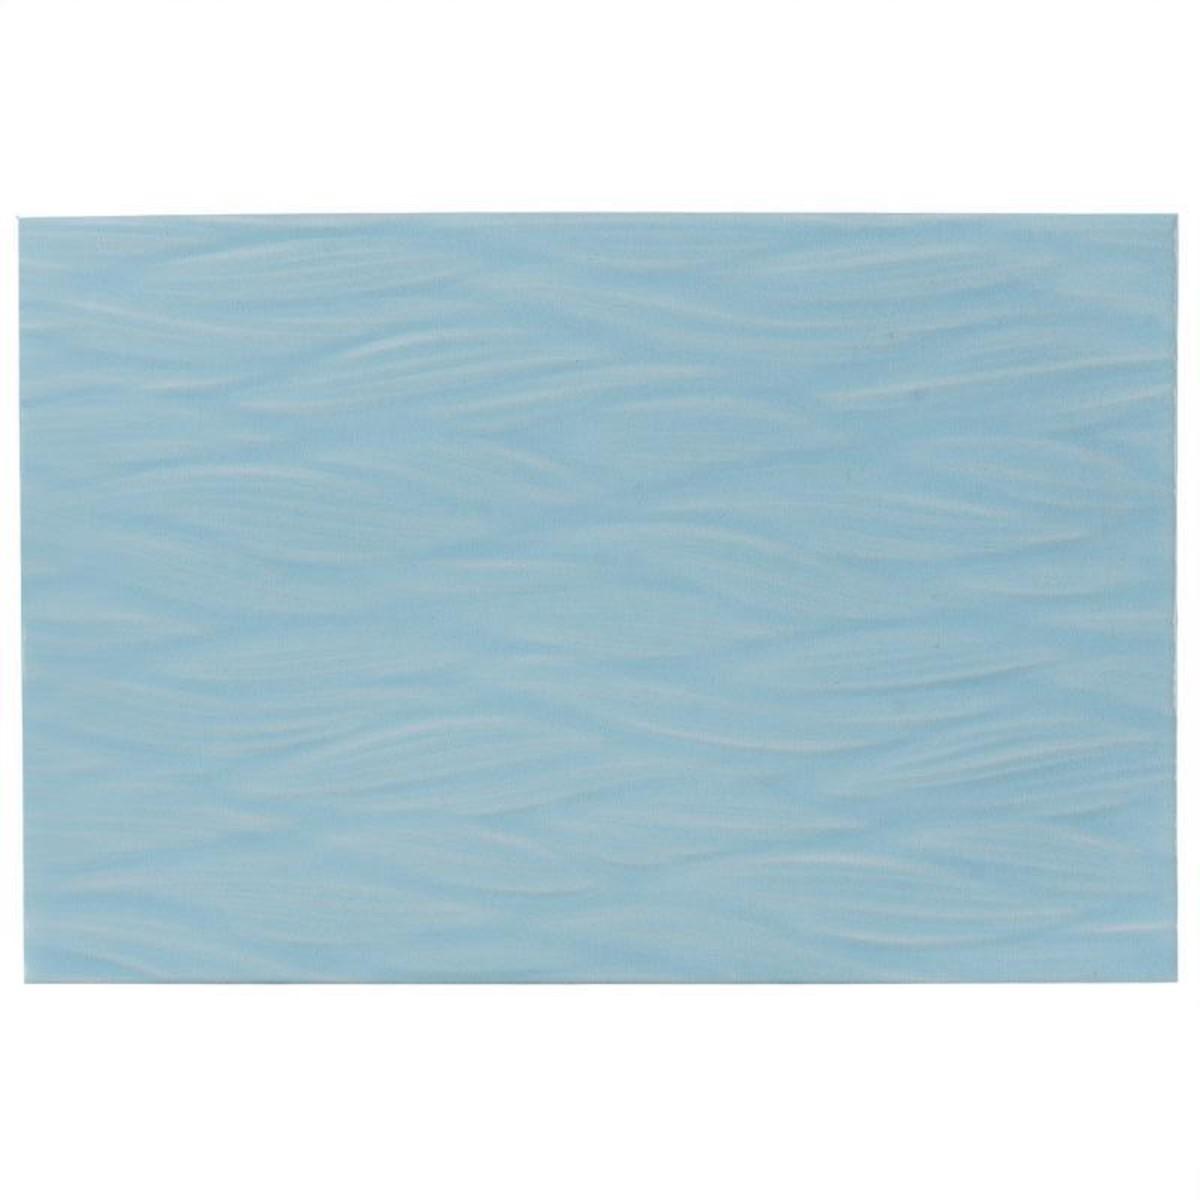 Плитка настенная Эквилибрио 30х20 см 1.2 м2 цвет голубой